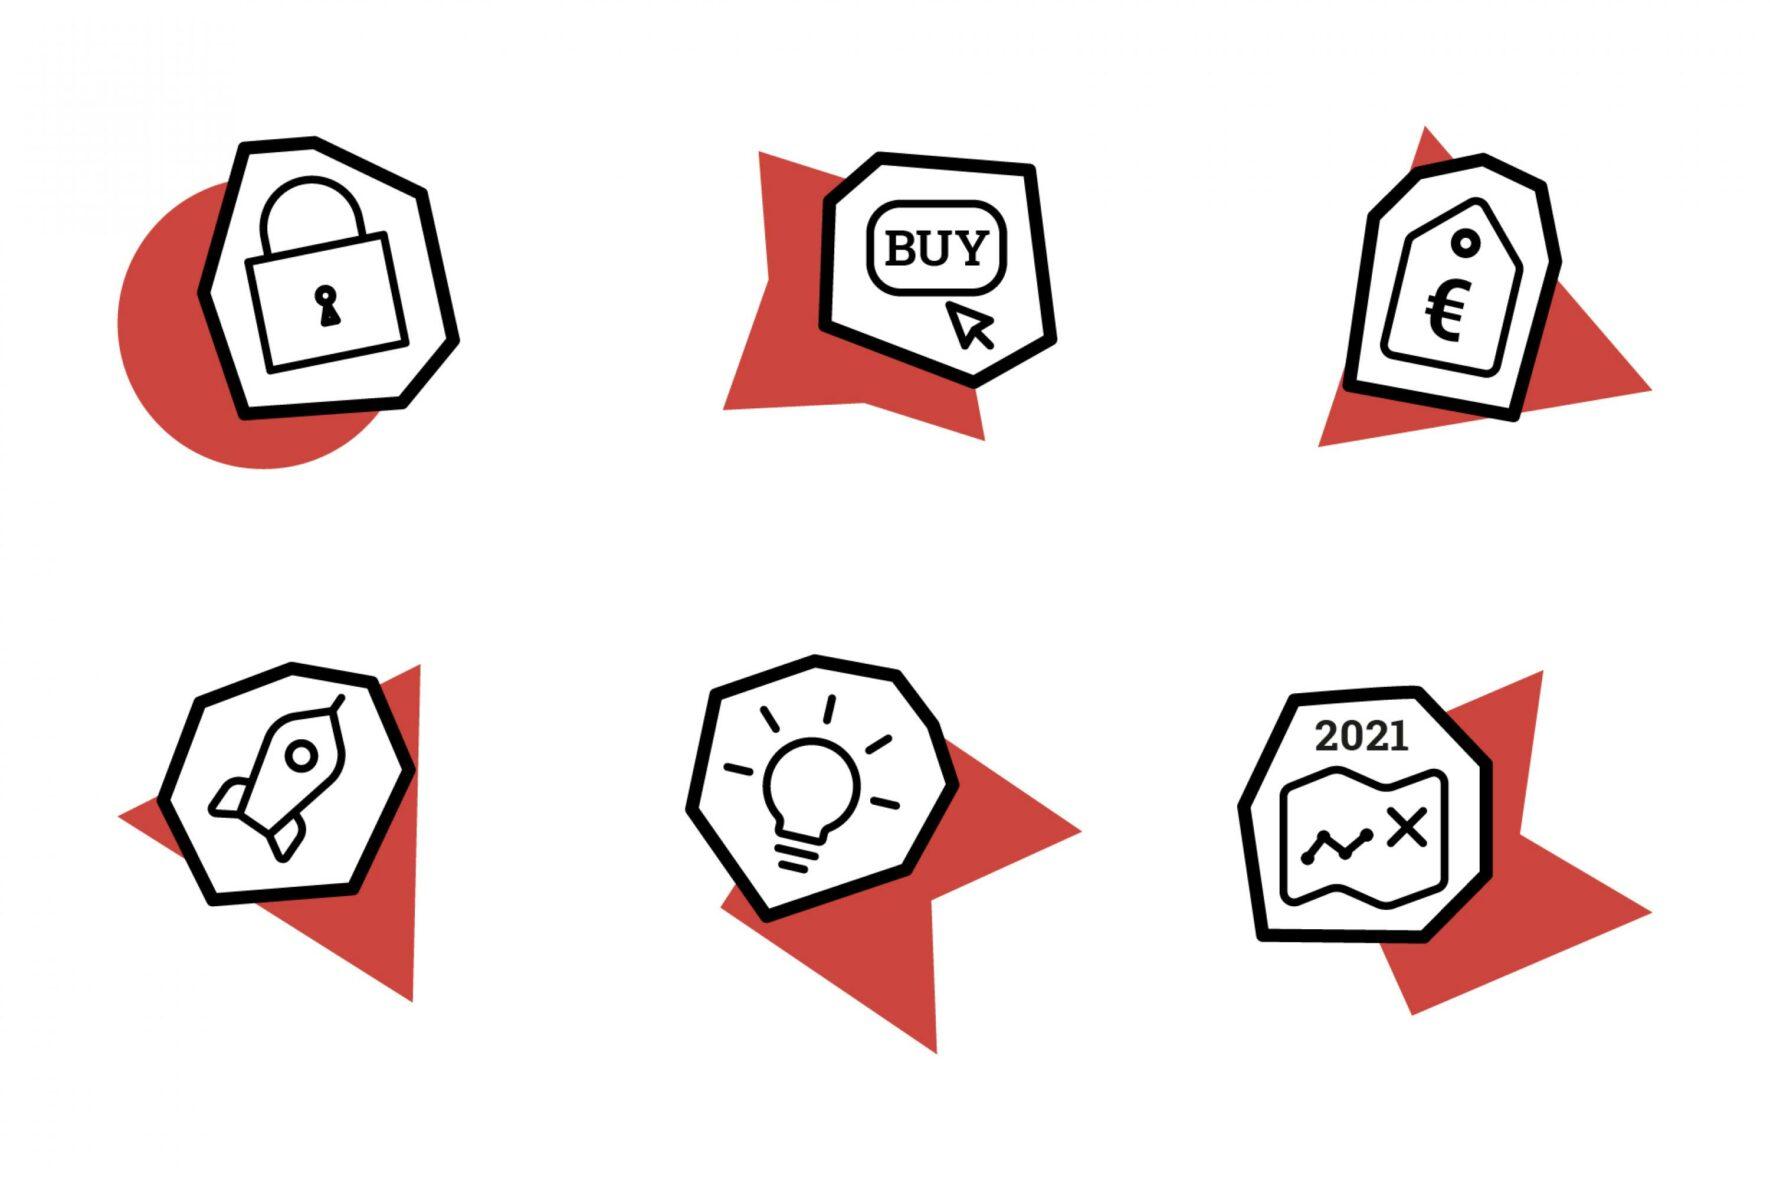 Magnetprodukt-Club-Design-Bradning-FORMLOS-Berlin-Plattform-Badges Kopie